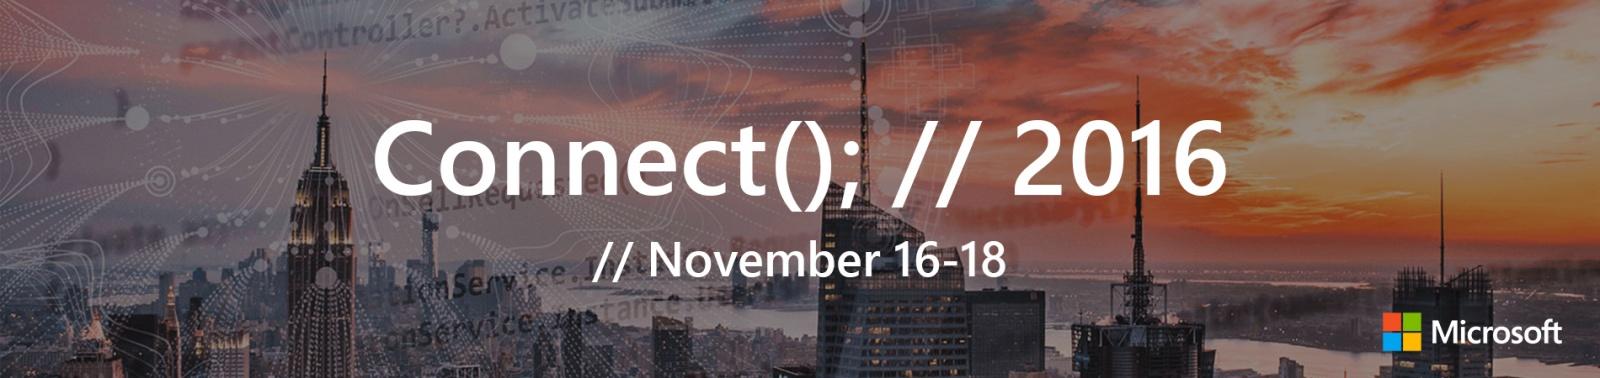 Connect(); -- 2016: Программа, онлайн-трансляция и бонус - 1